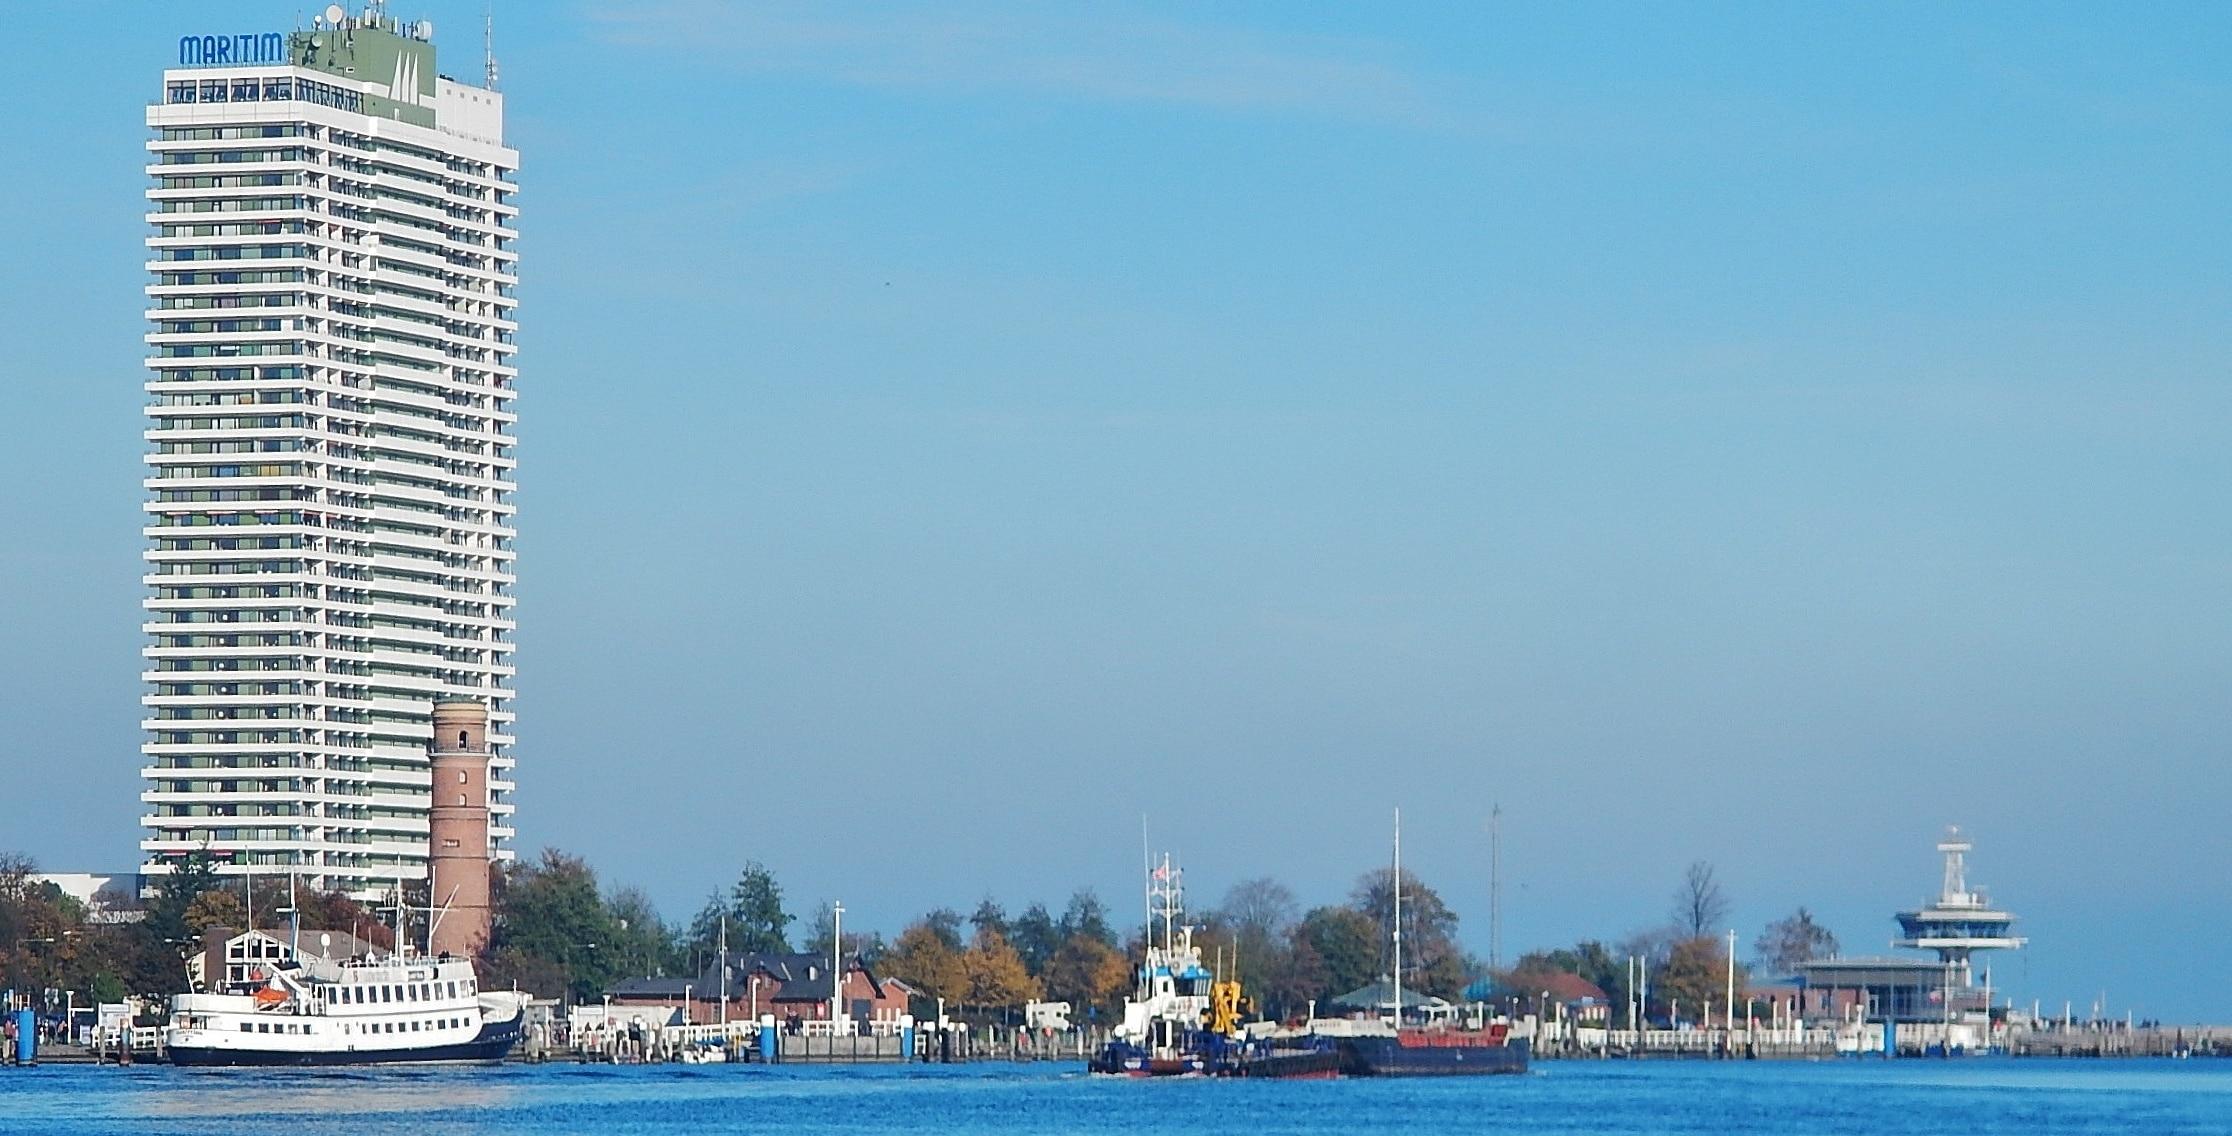 Halbinsel Priwall, Lübeck, Schleswig-Holstein, Deutschland